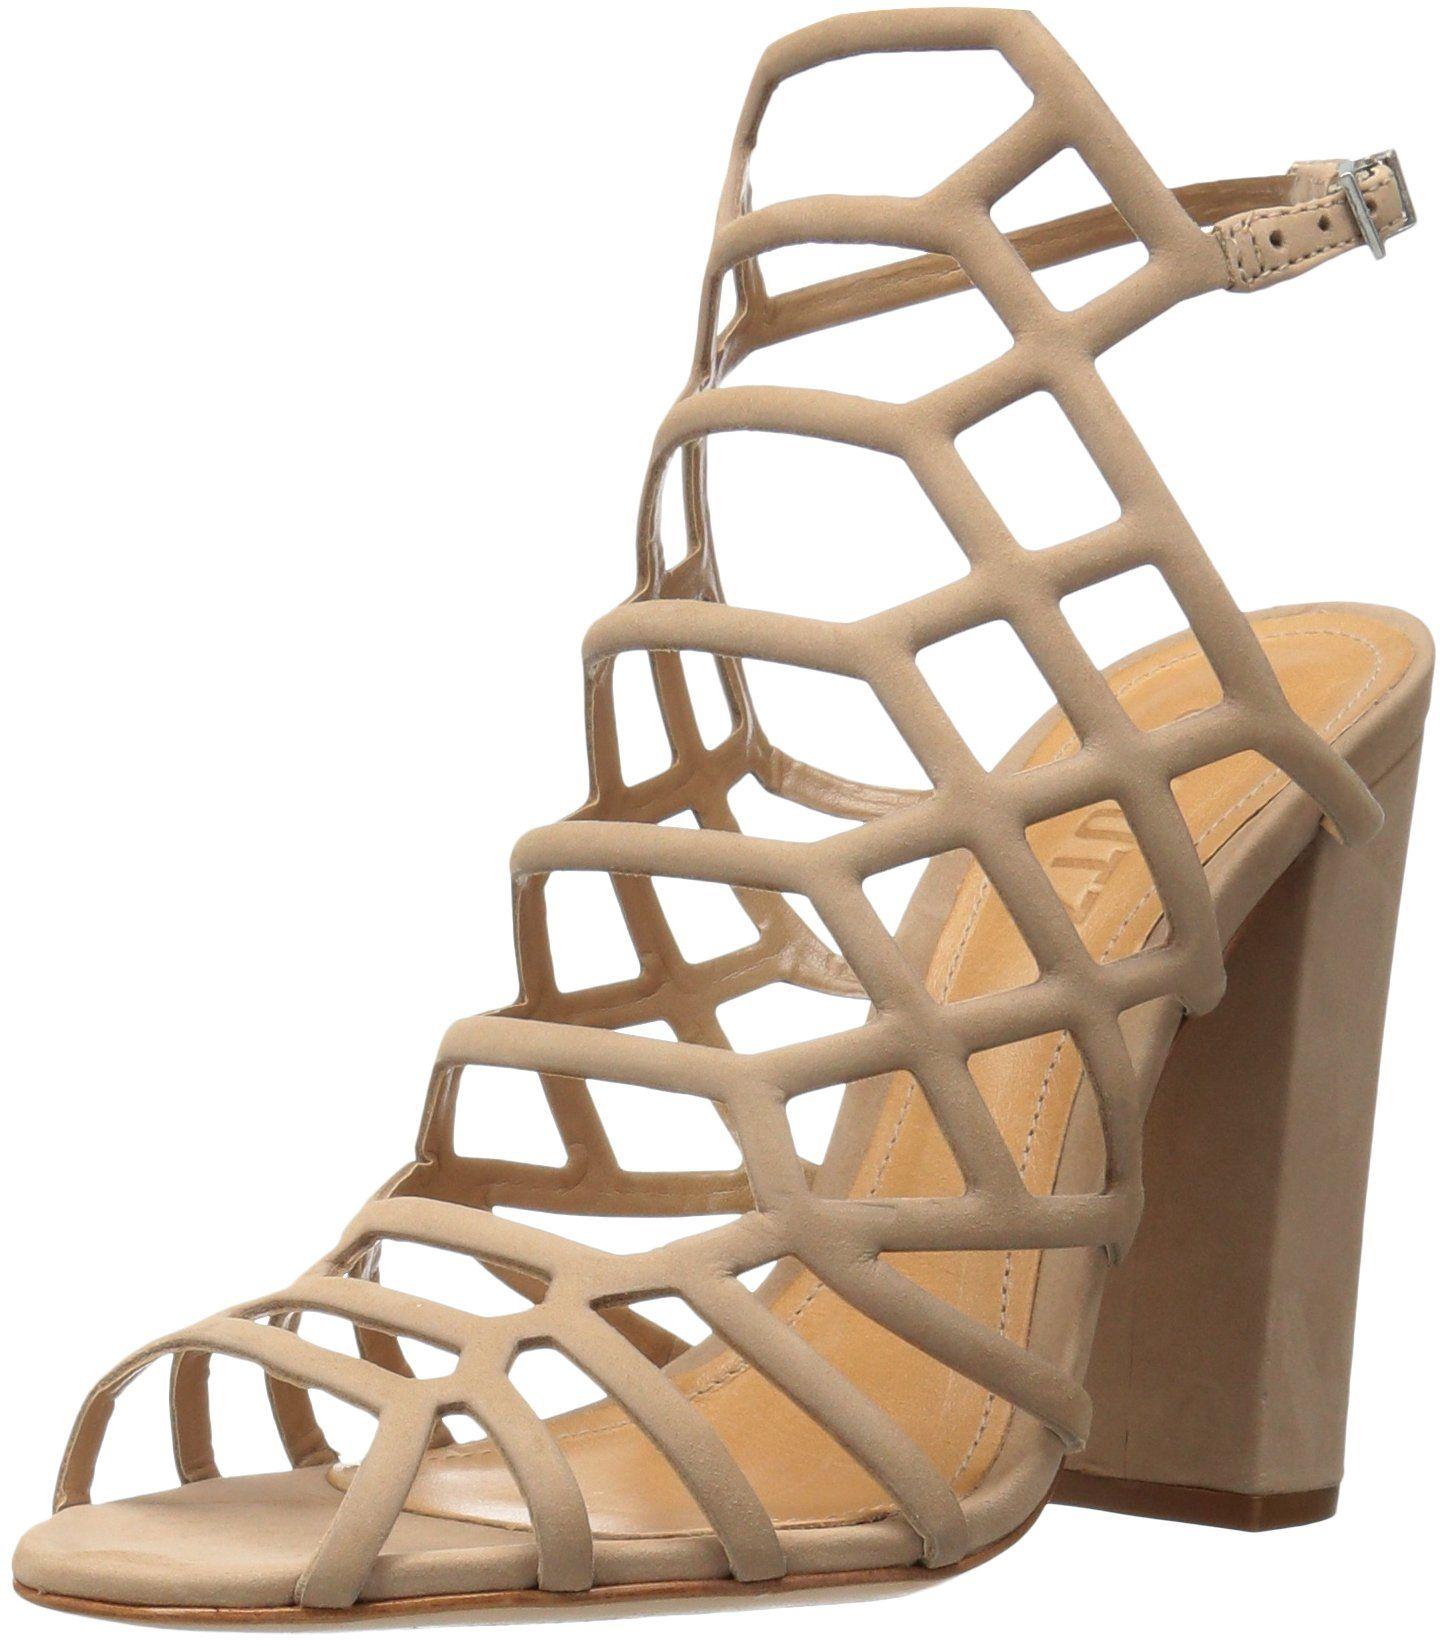 Schutz Women's Jaden Dress Sandal, Amber Light, 6 M US